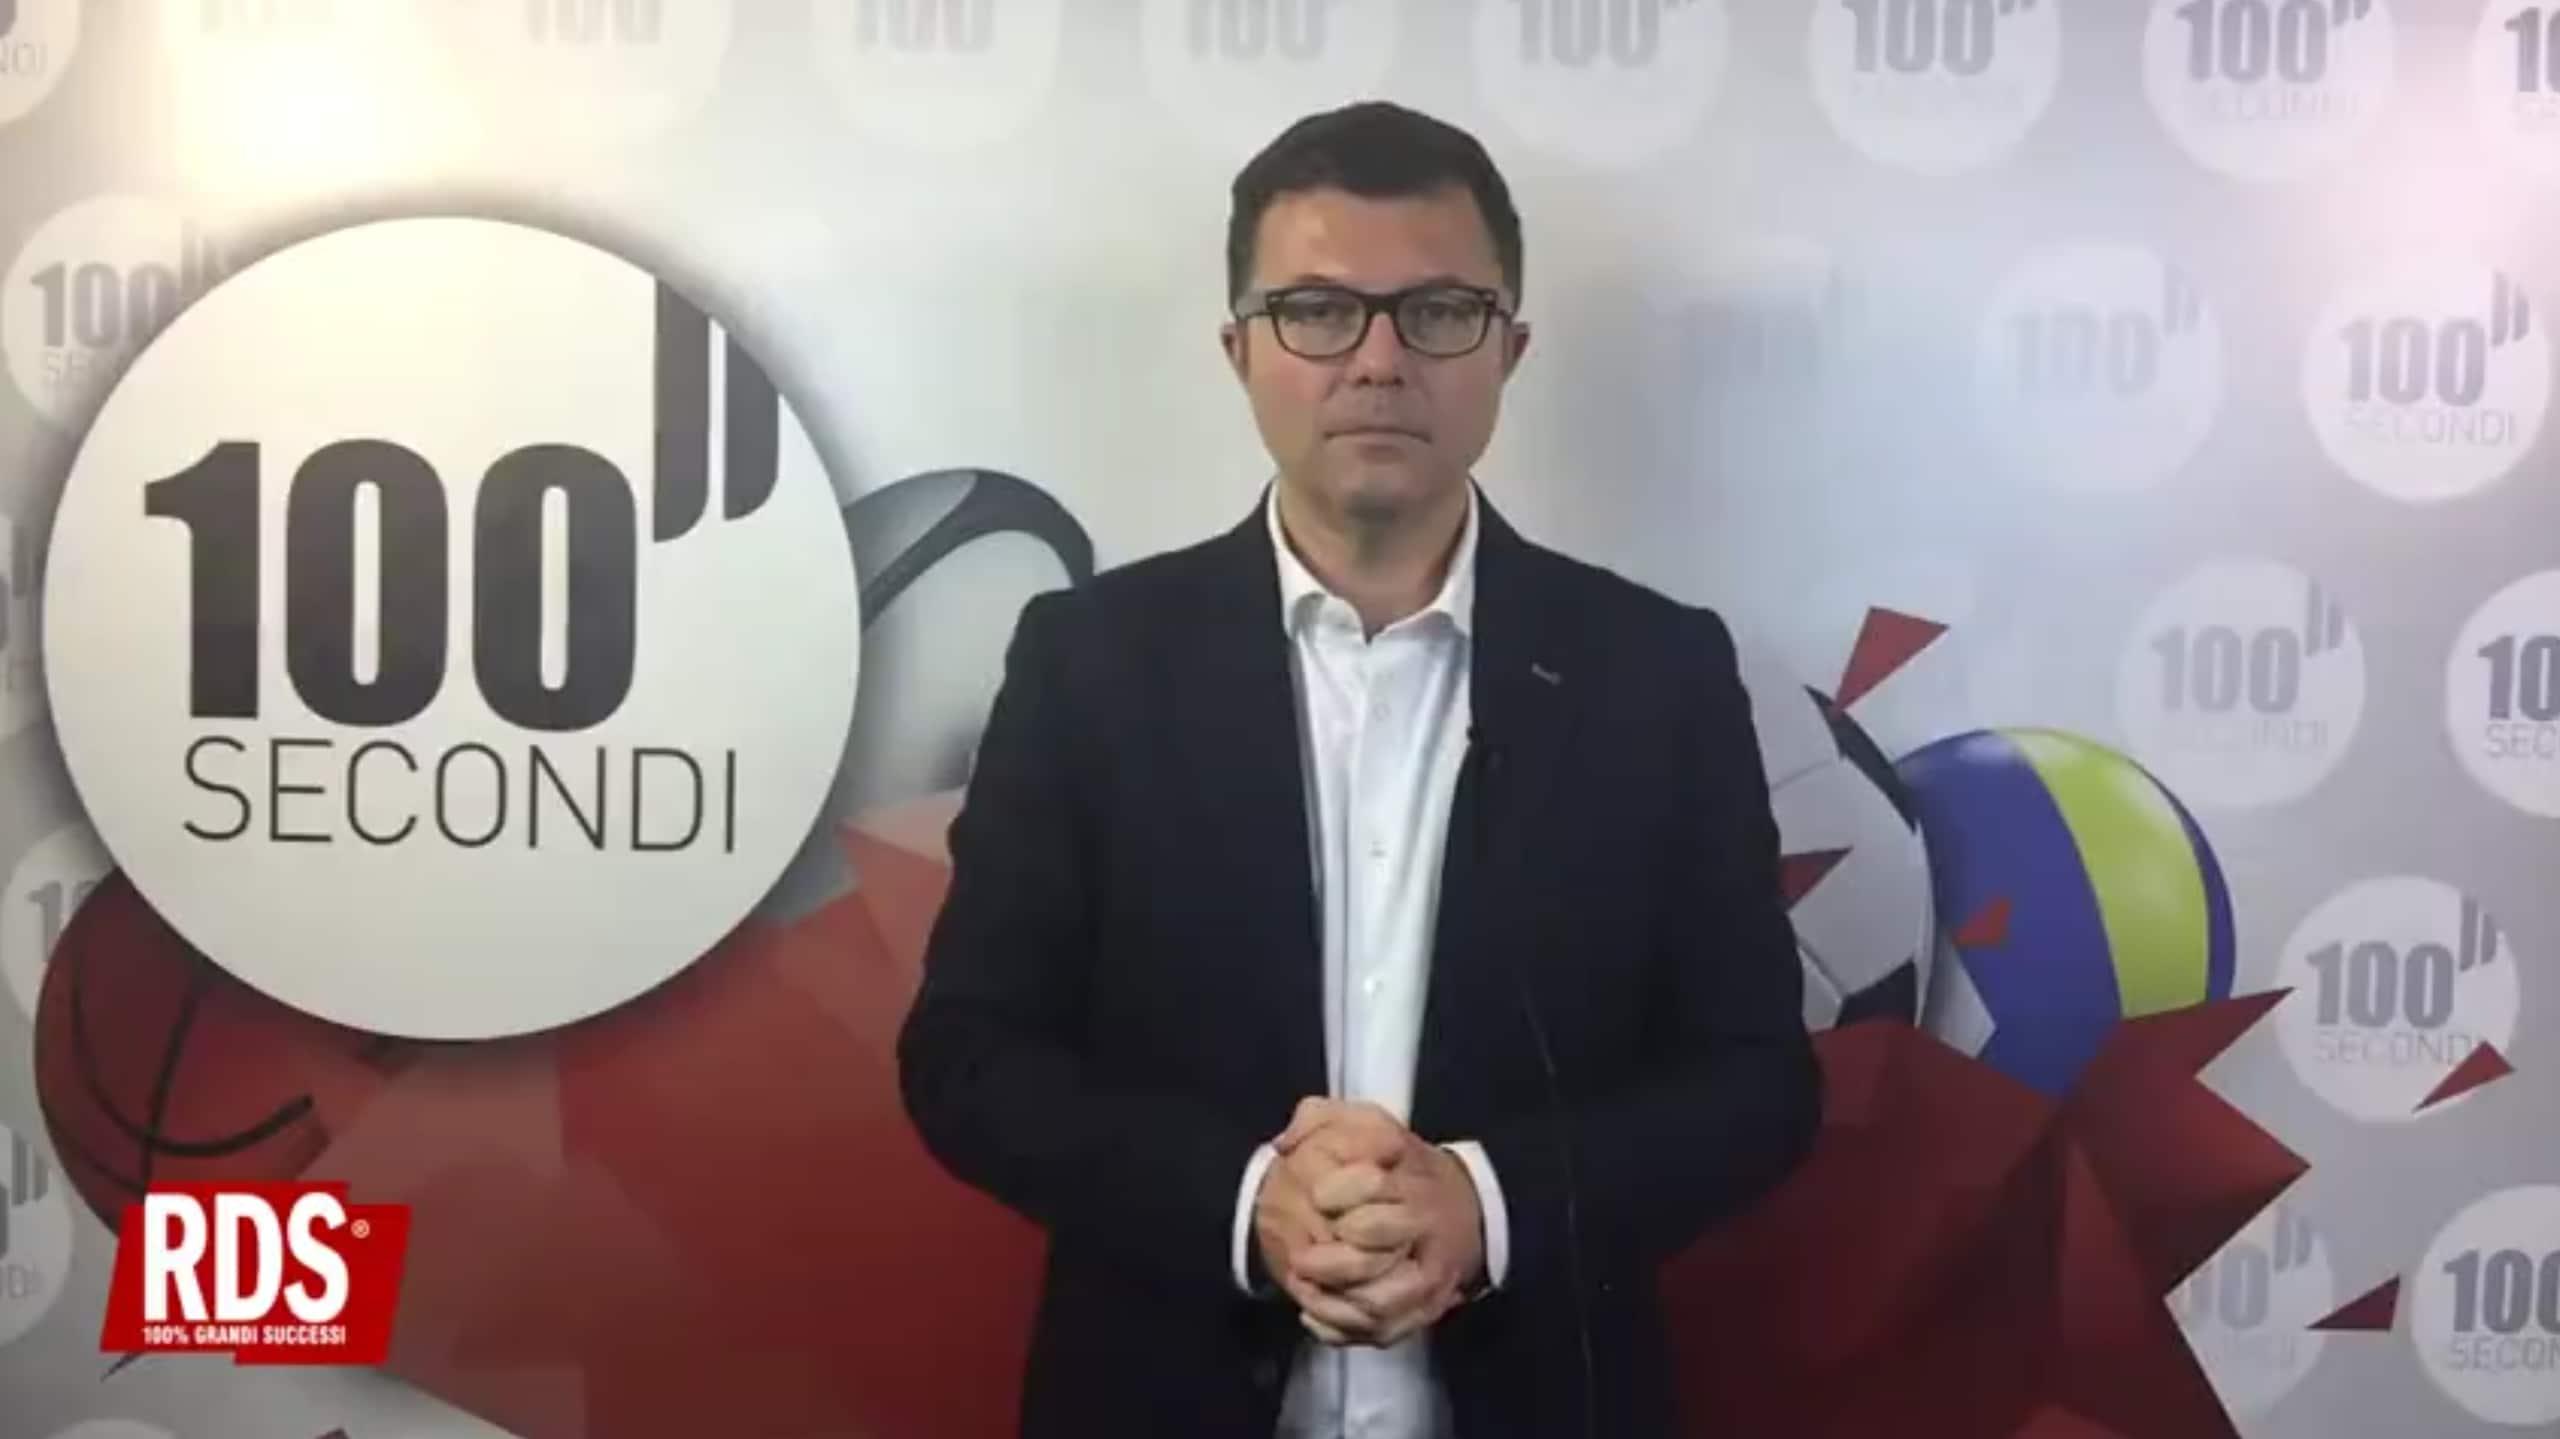 """I 100 secondi di Guido Vaciago: """"La Juve di Sarri cresce con calma"""""""